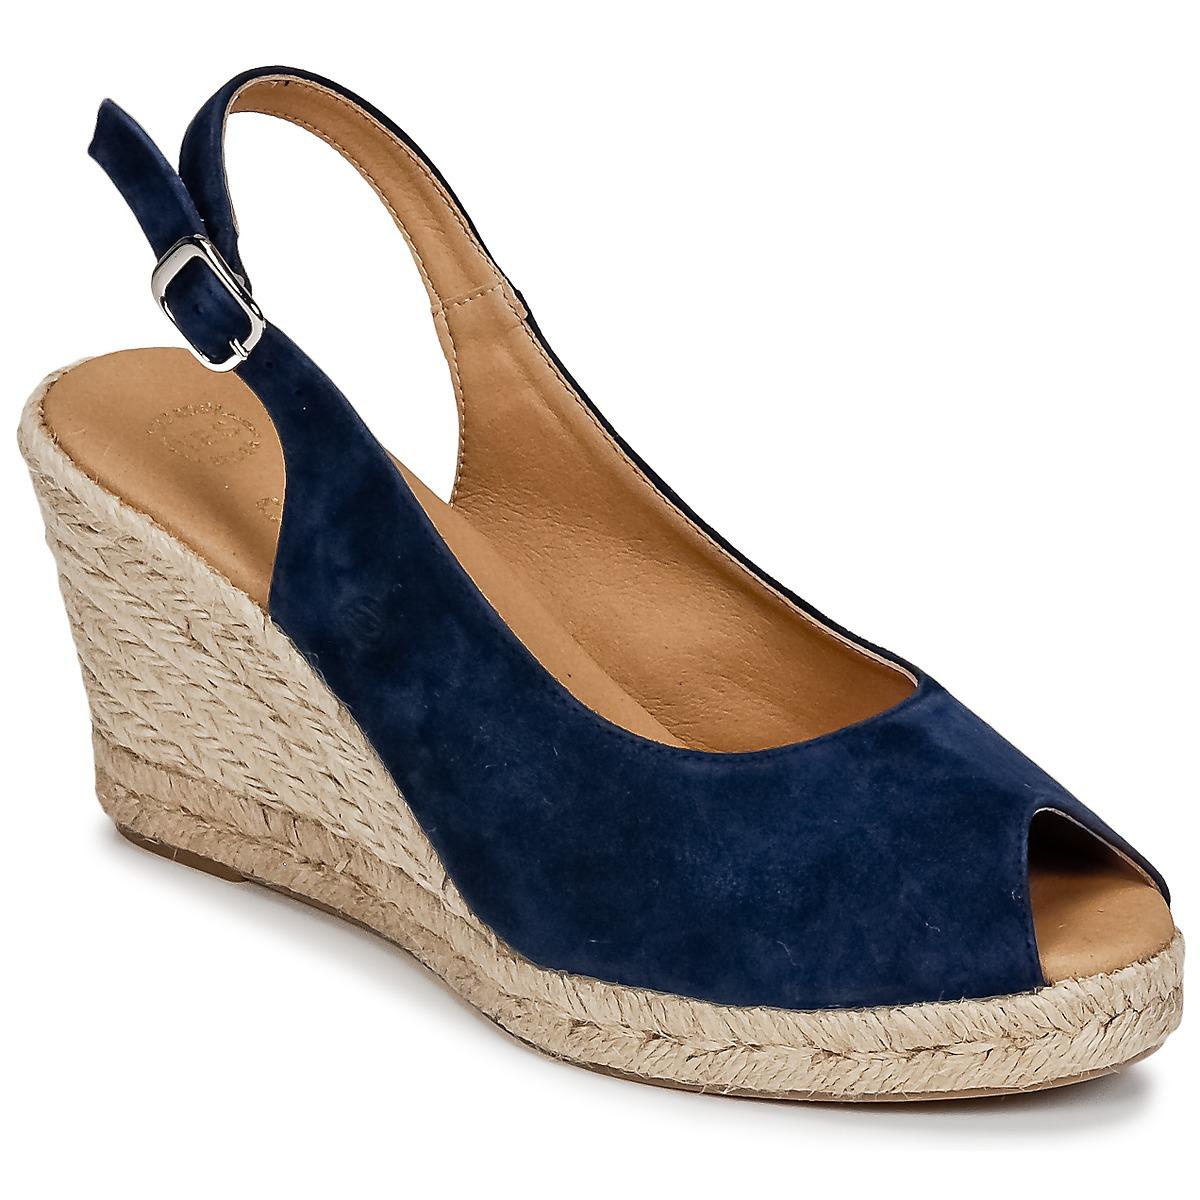 Betty London INANI Marine - Livraison Gratuite avec  - Chaussures Sandale Femme